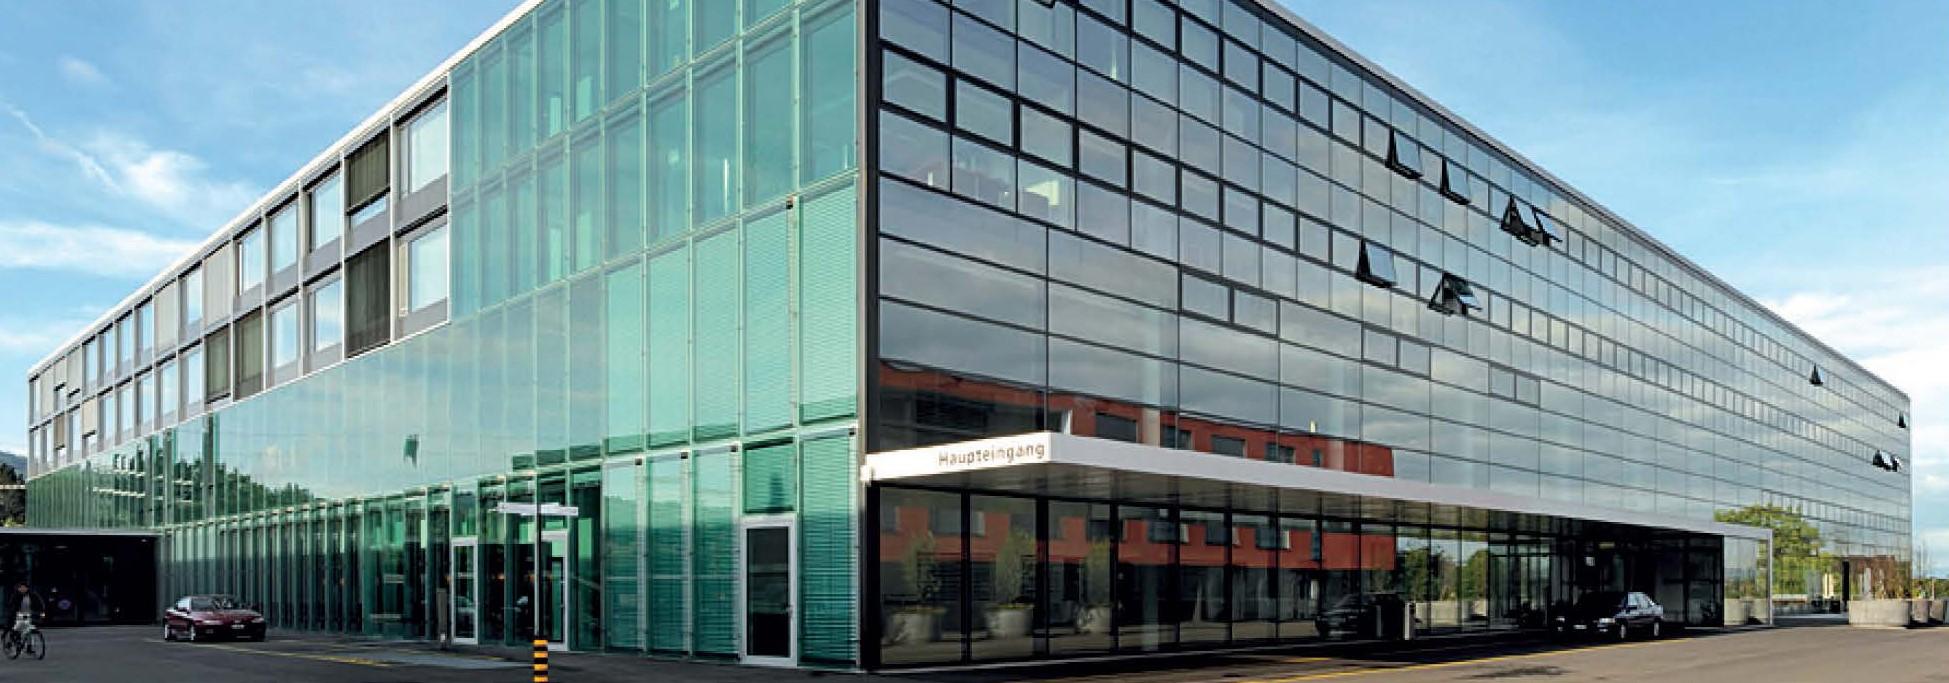 Zuger Kantonsspital